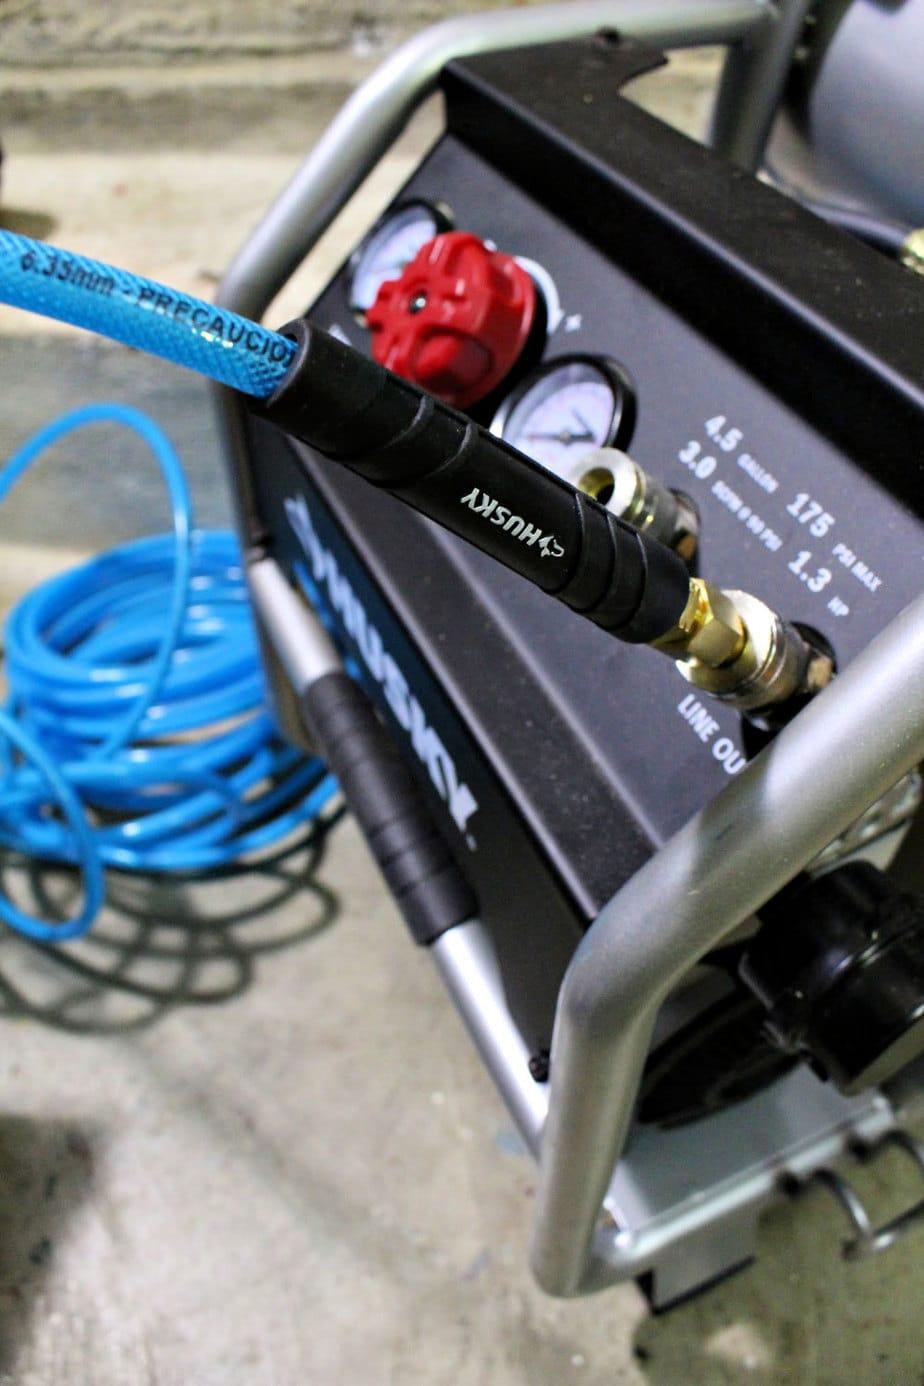 husky air compressor with hose attached